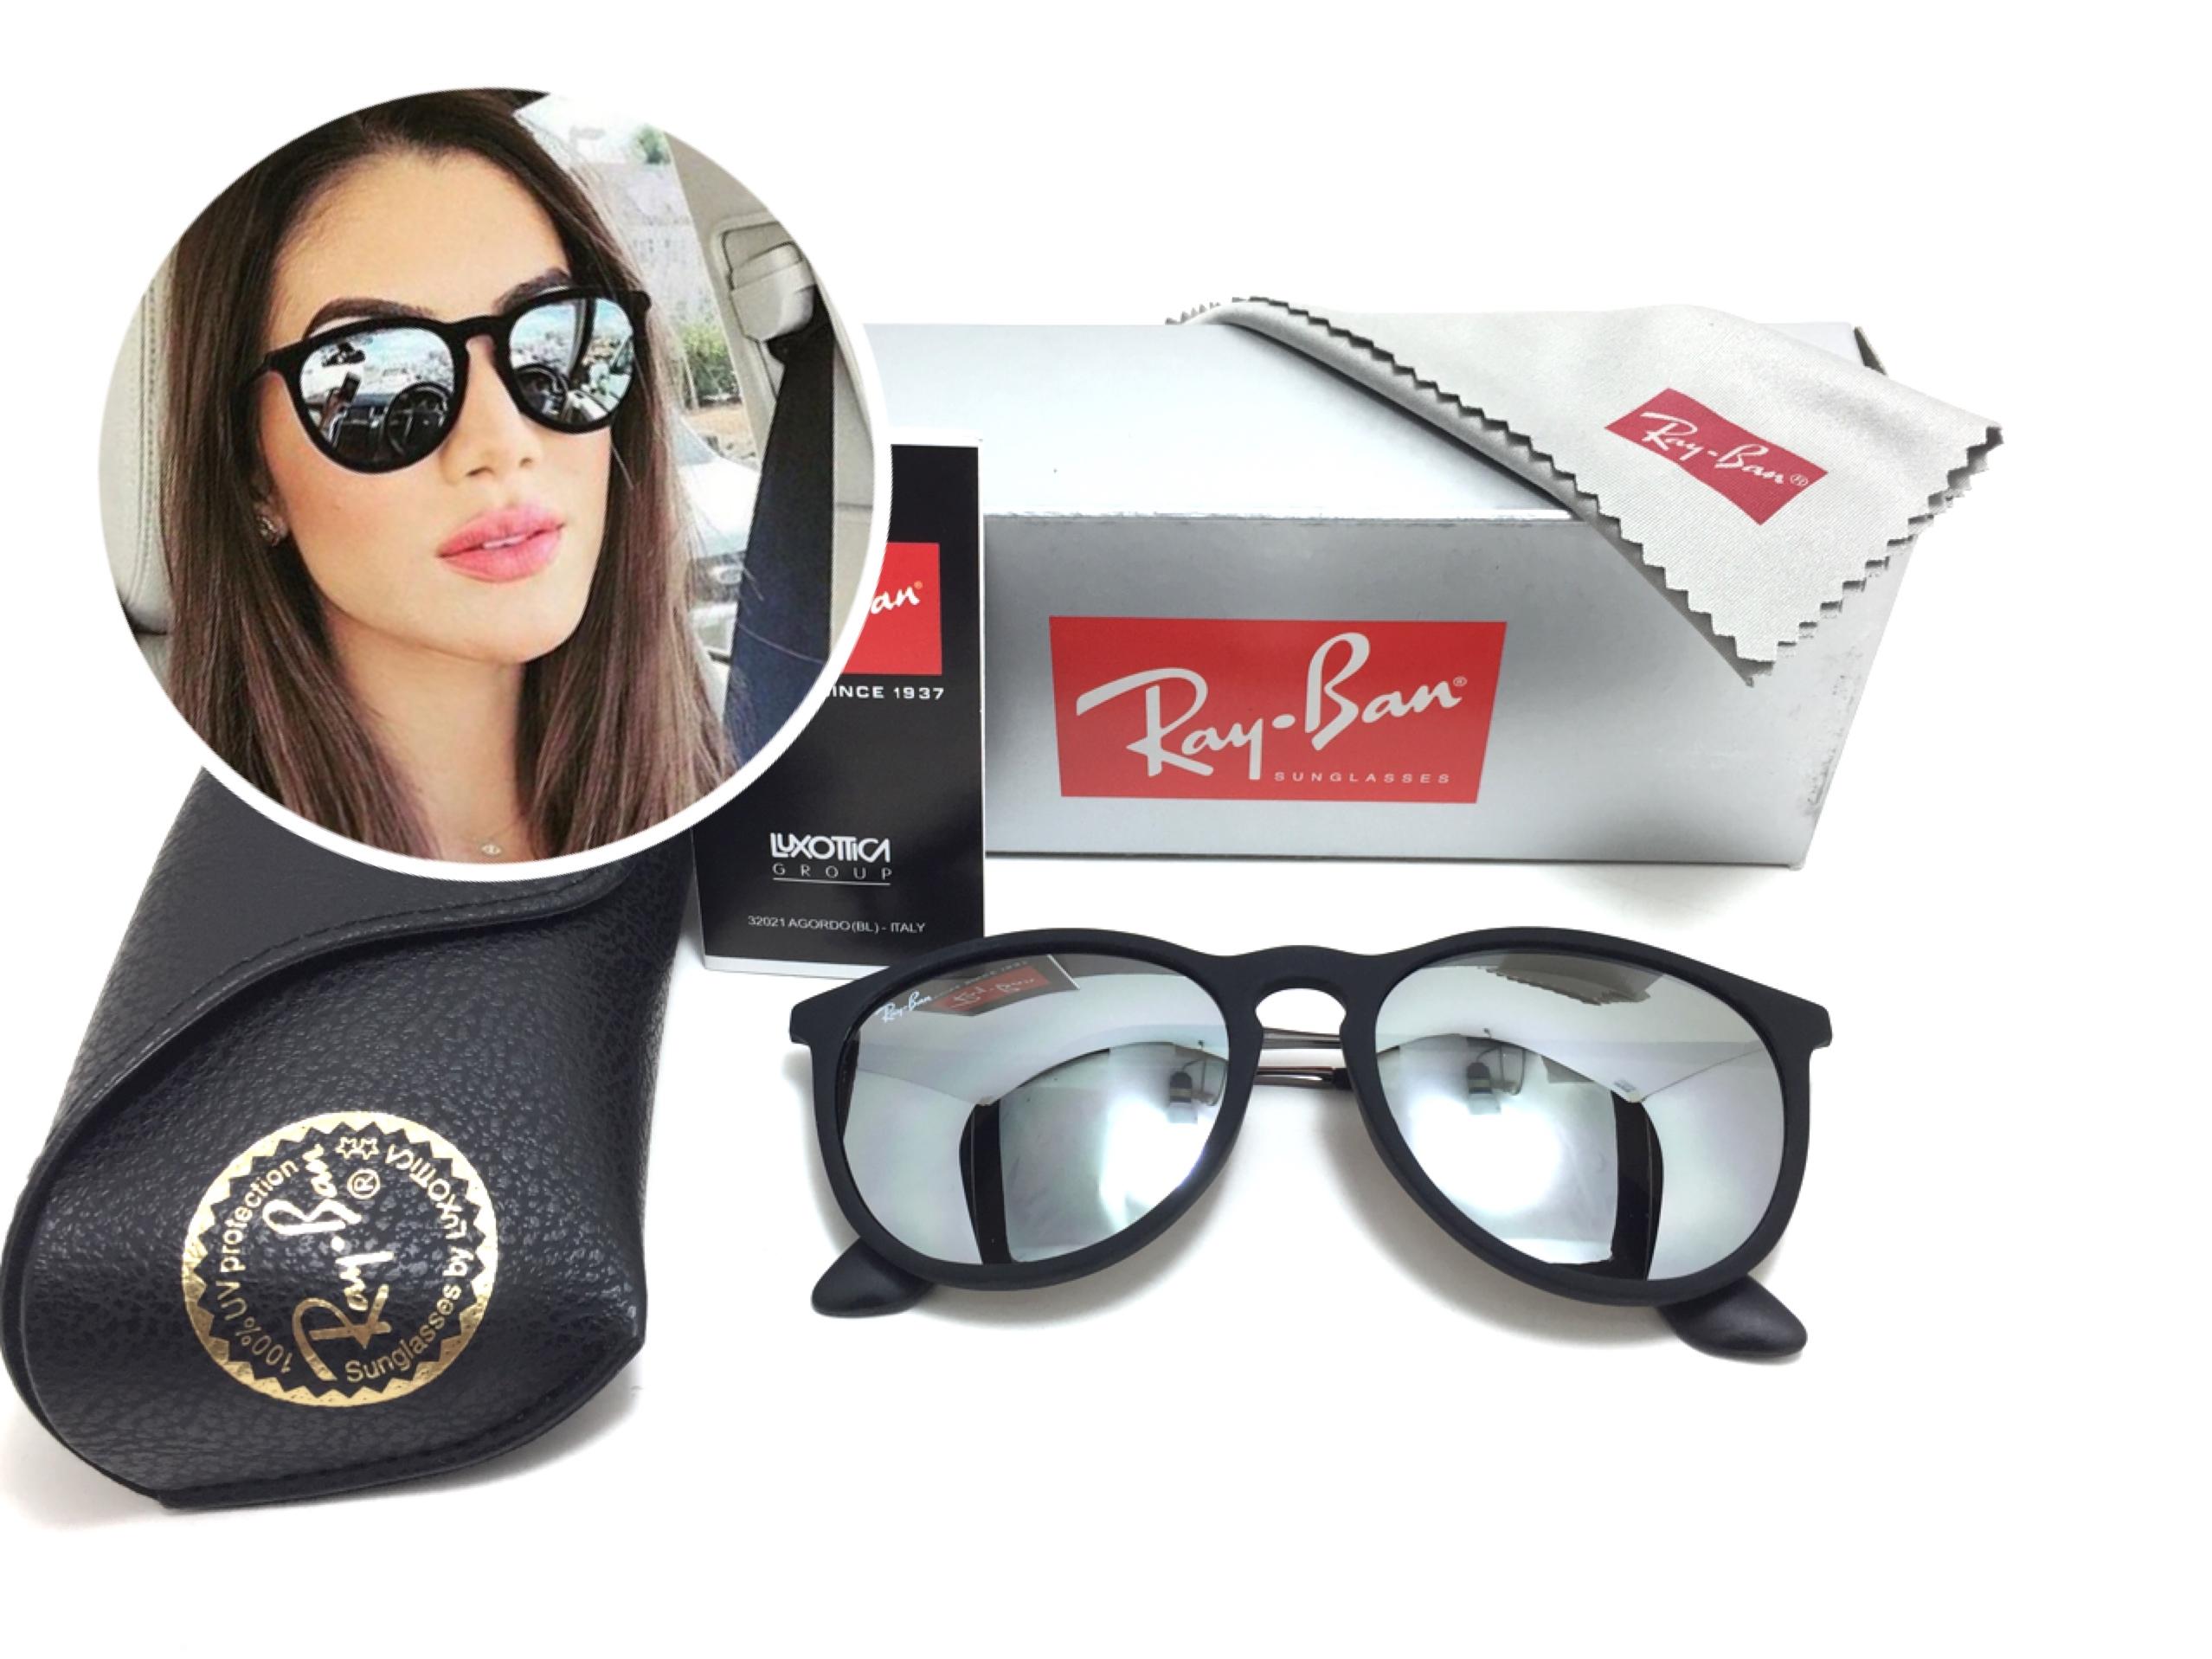 แว่นกันแดด RB 4171 erika 601/5A 54-18 3N <ปรอทเงิน>